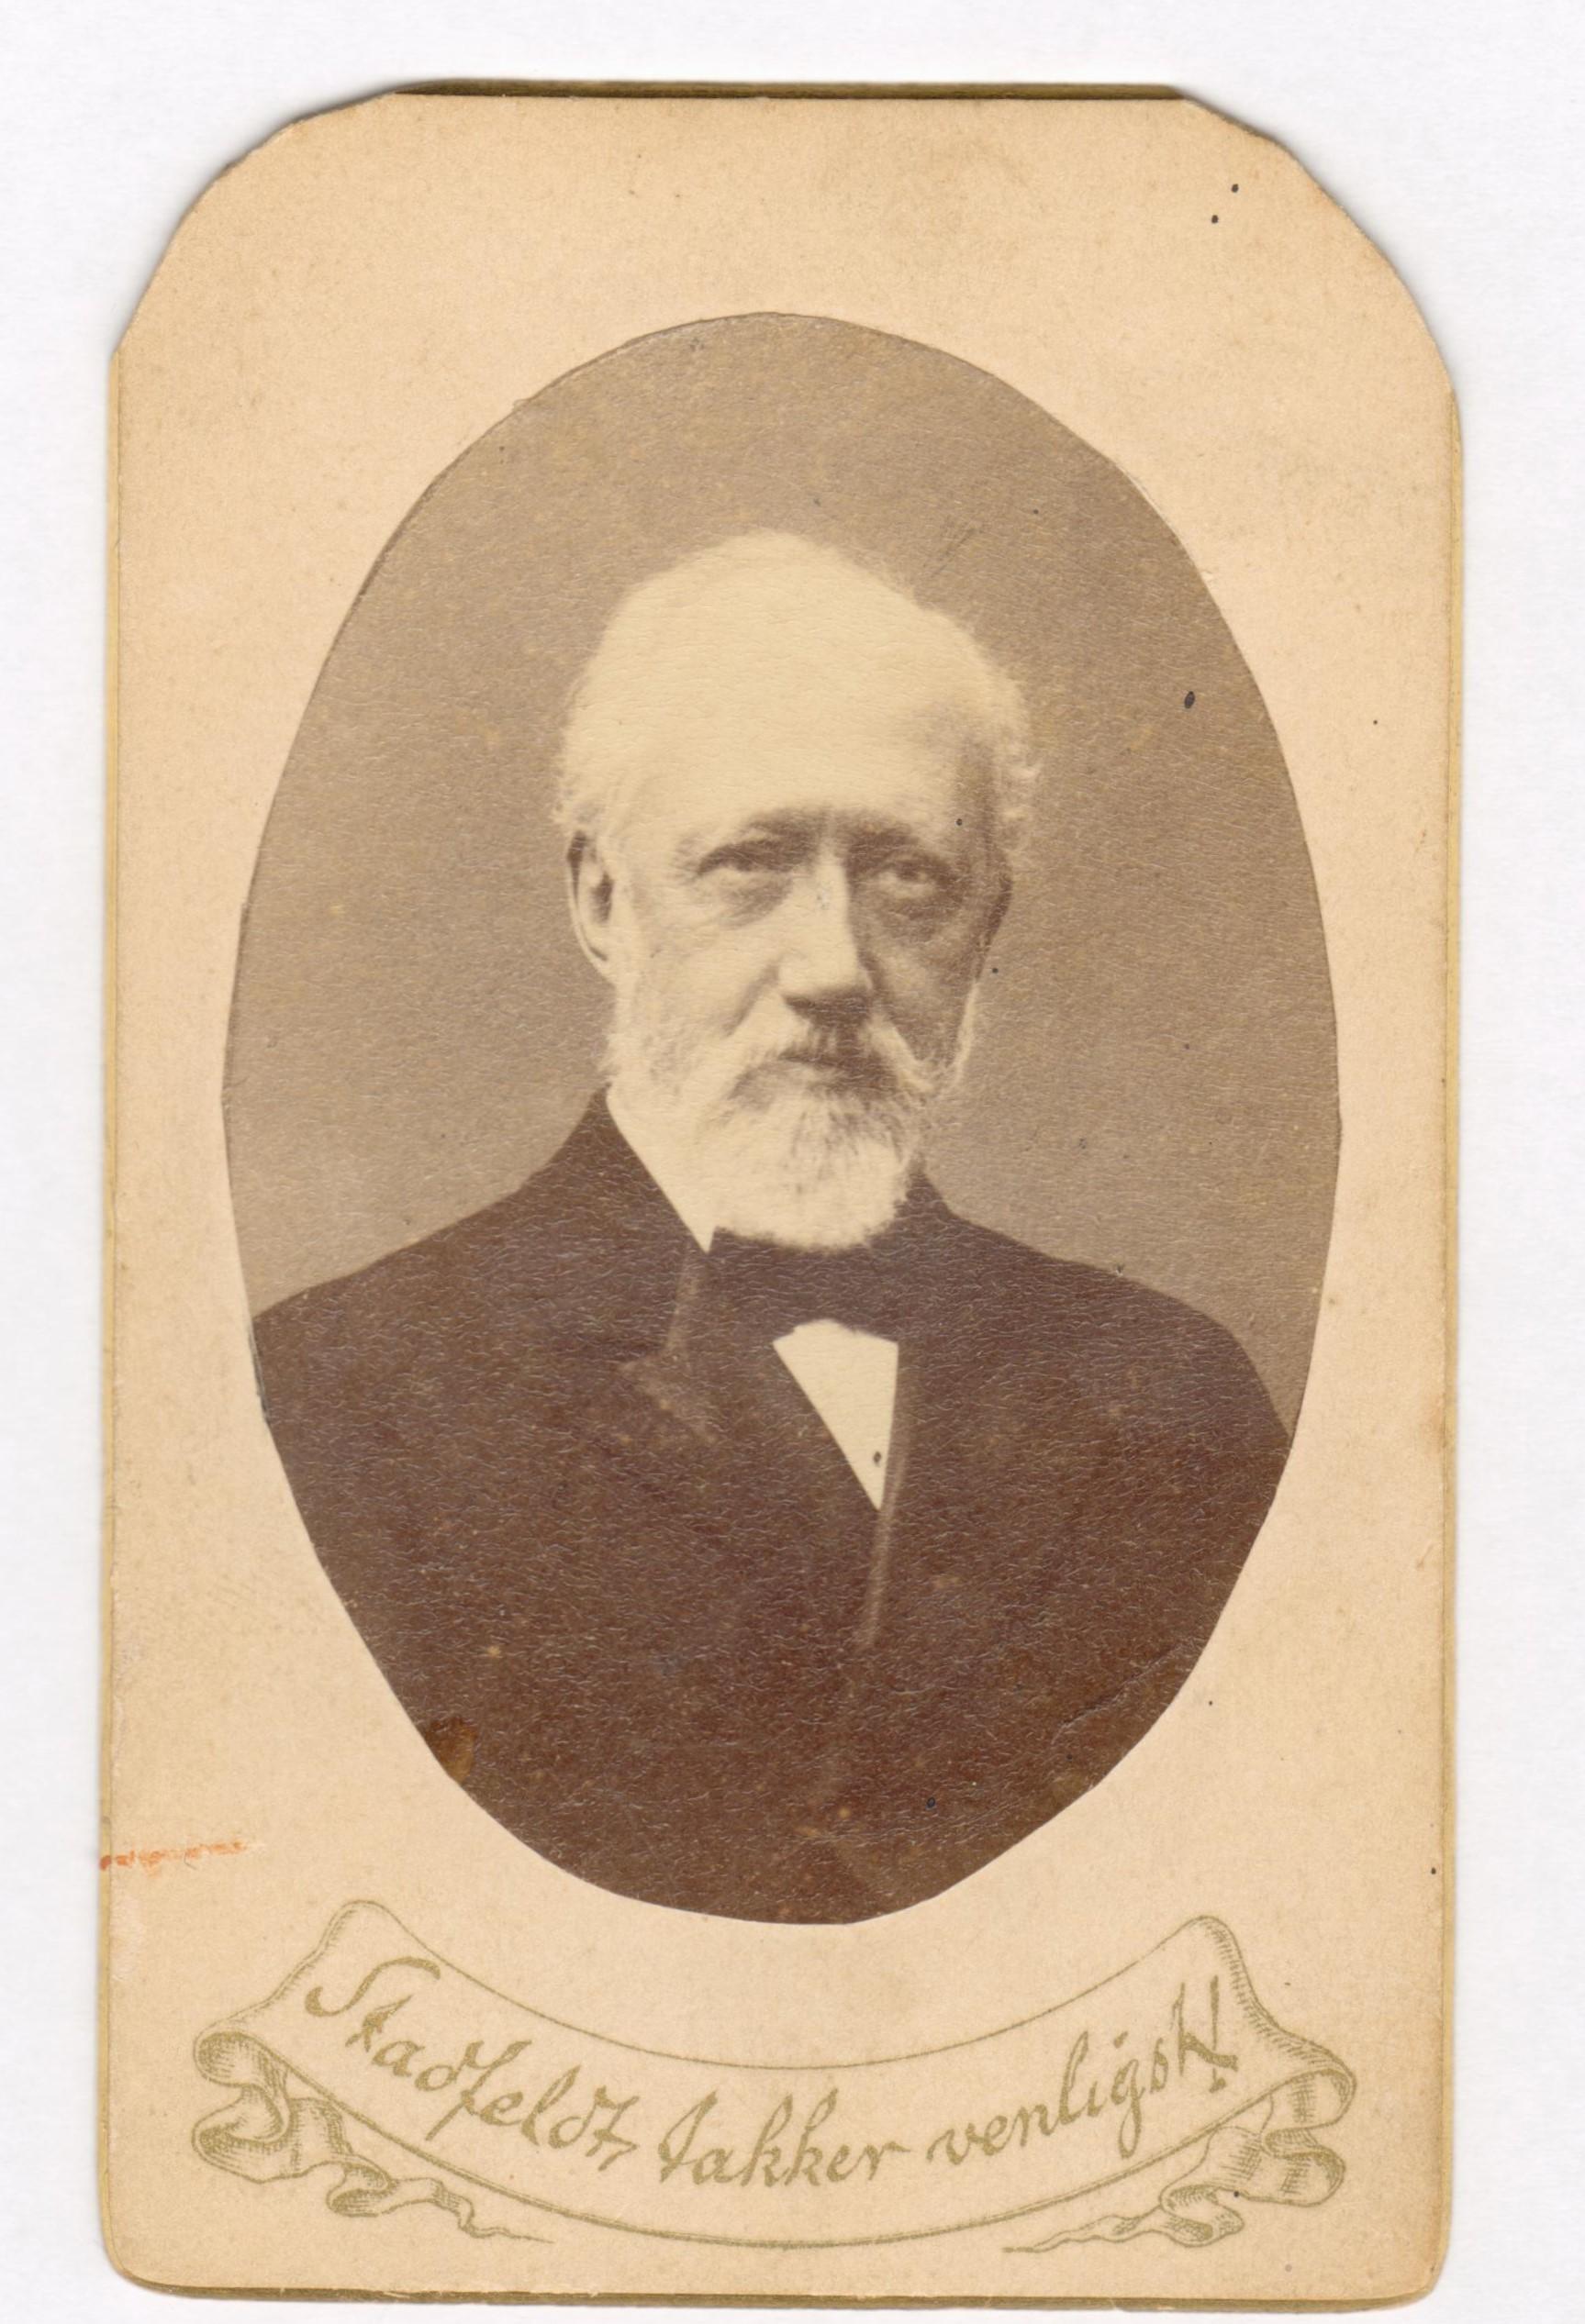 75.29  Stadfelt takker venligt. Notat på bagside af foto : 1892, f. 1830.  Fotograf Georg Hansen, Bredgade 22, København